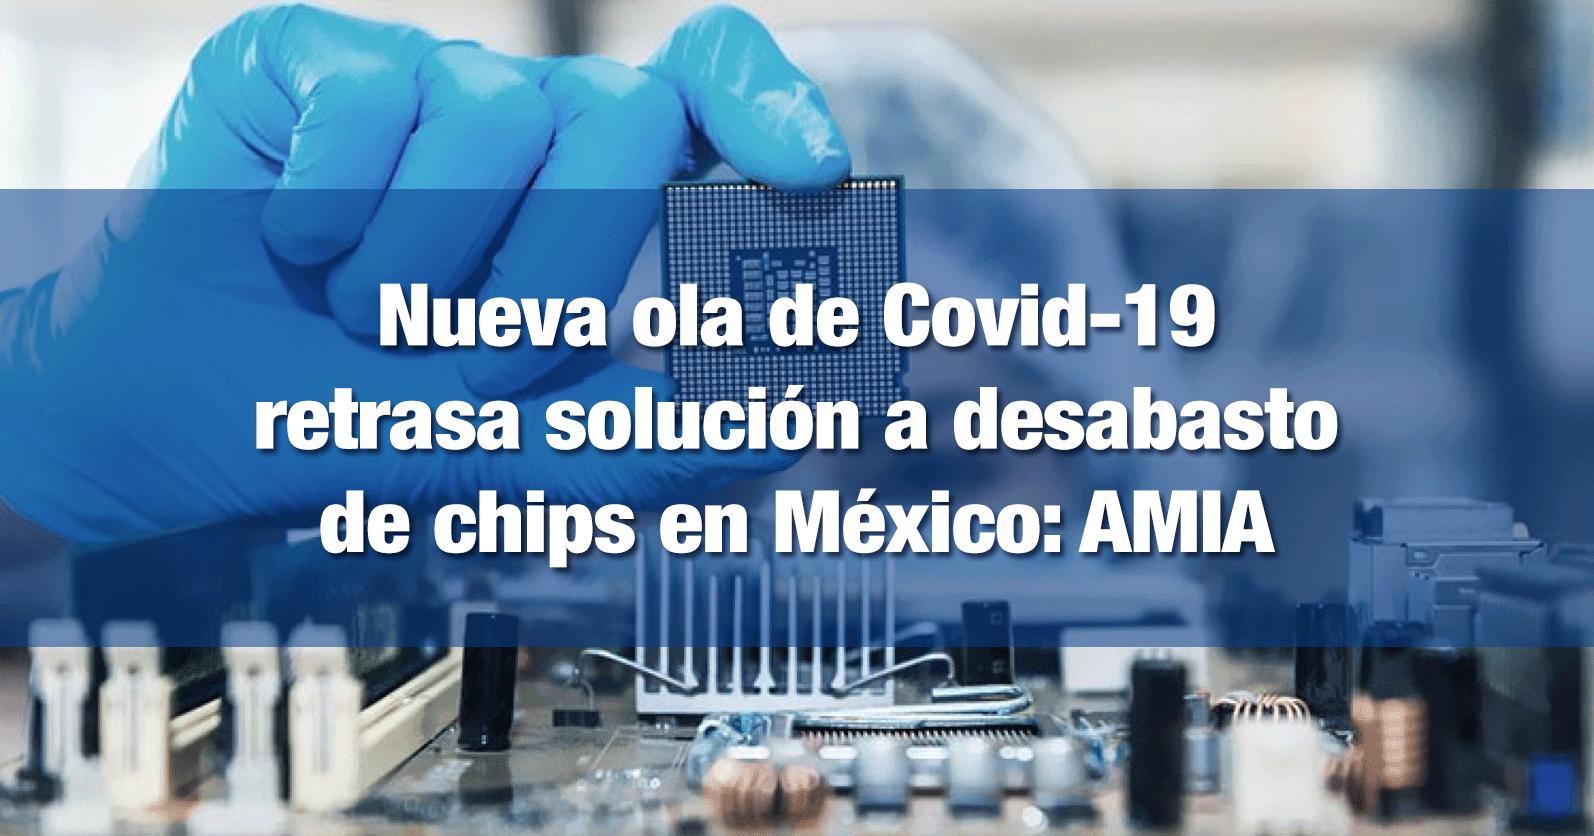 Nueva ola de Covid-19 retrasa solución a desabasto de chips en México: AMIA